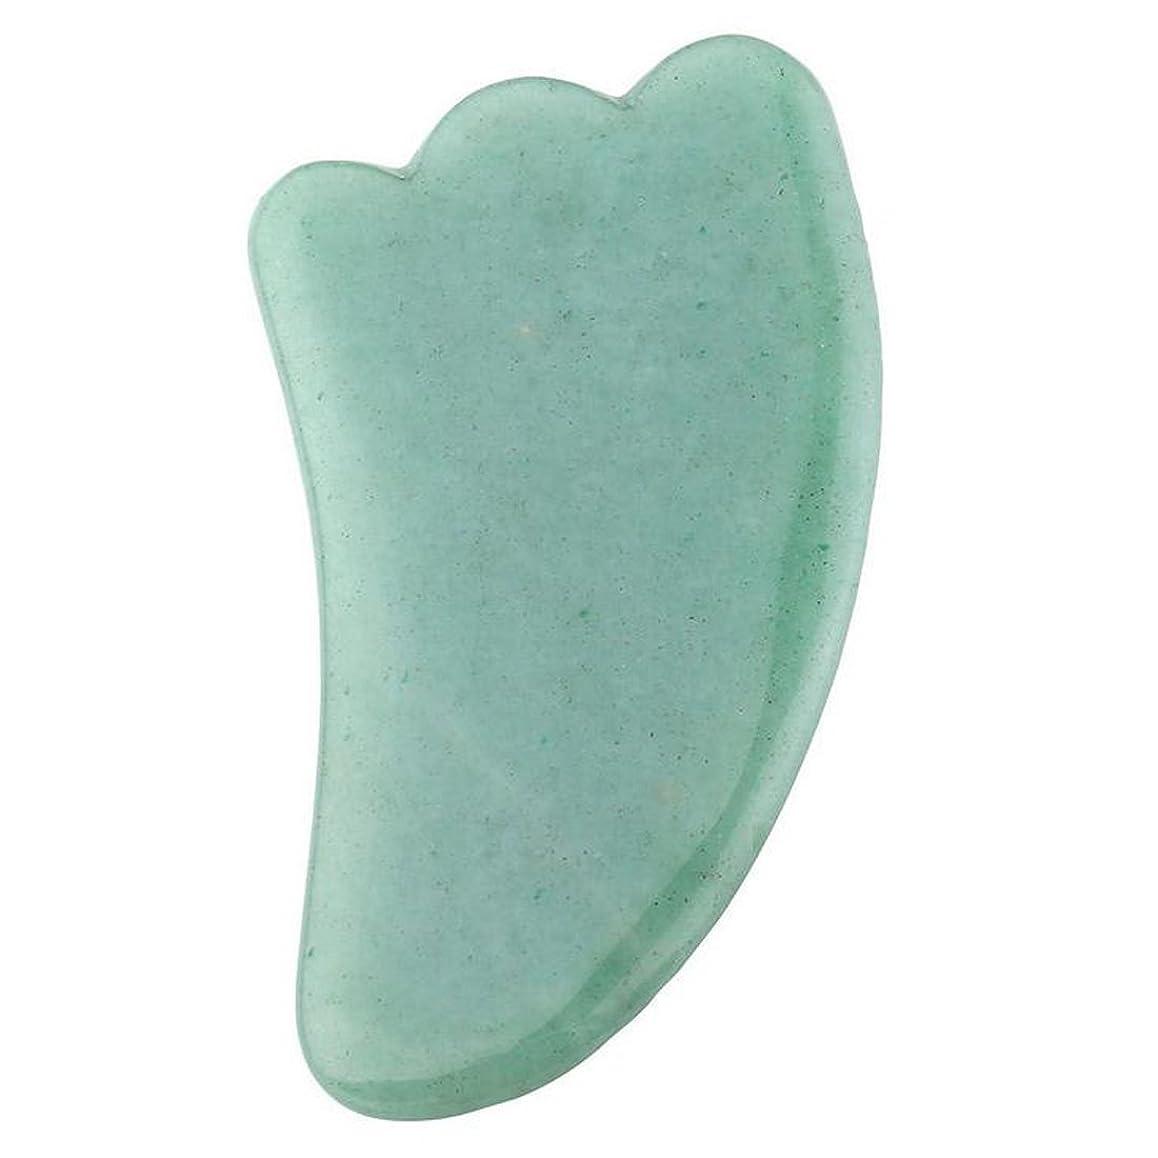 平日素朴な骨髄(イスイ) YISHUI風水 グアシャ スクラップ マッサージ ツール ナチュラル ローズ クォーツ グリーン アベンチュリン ウイングシェイプグアシャボード 伝統的 スクレーパーツール W3415 (グリーン)